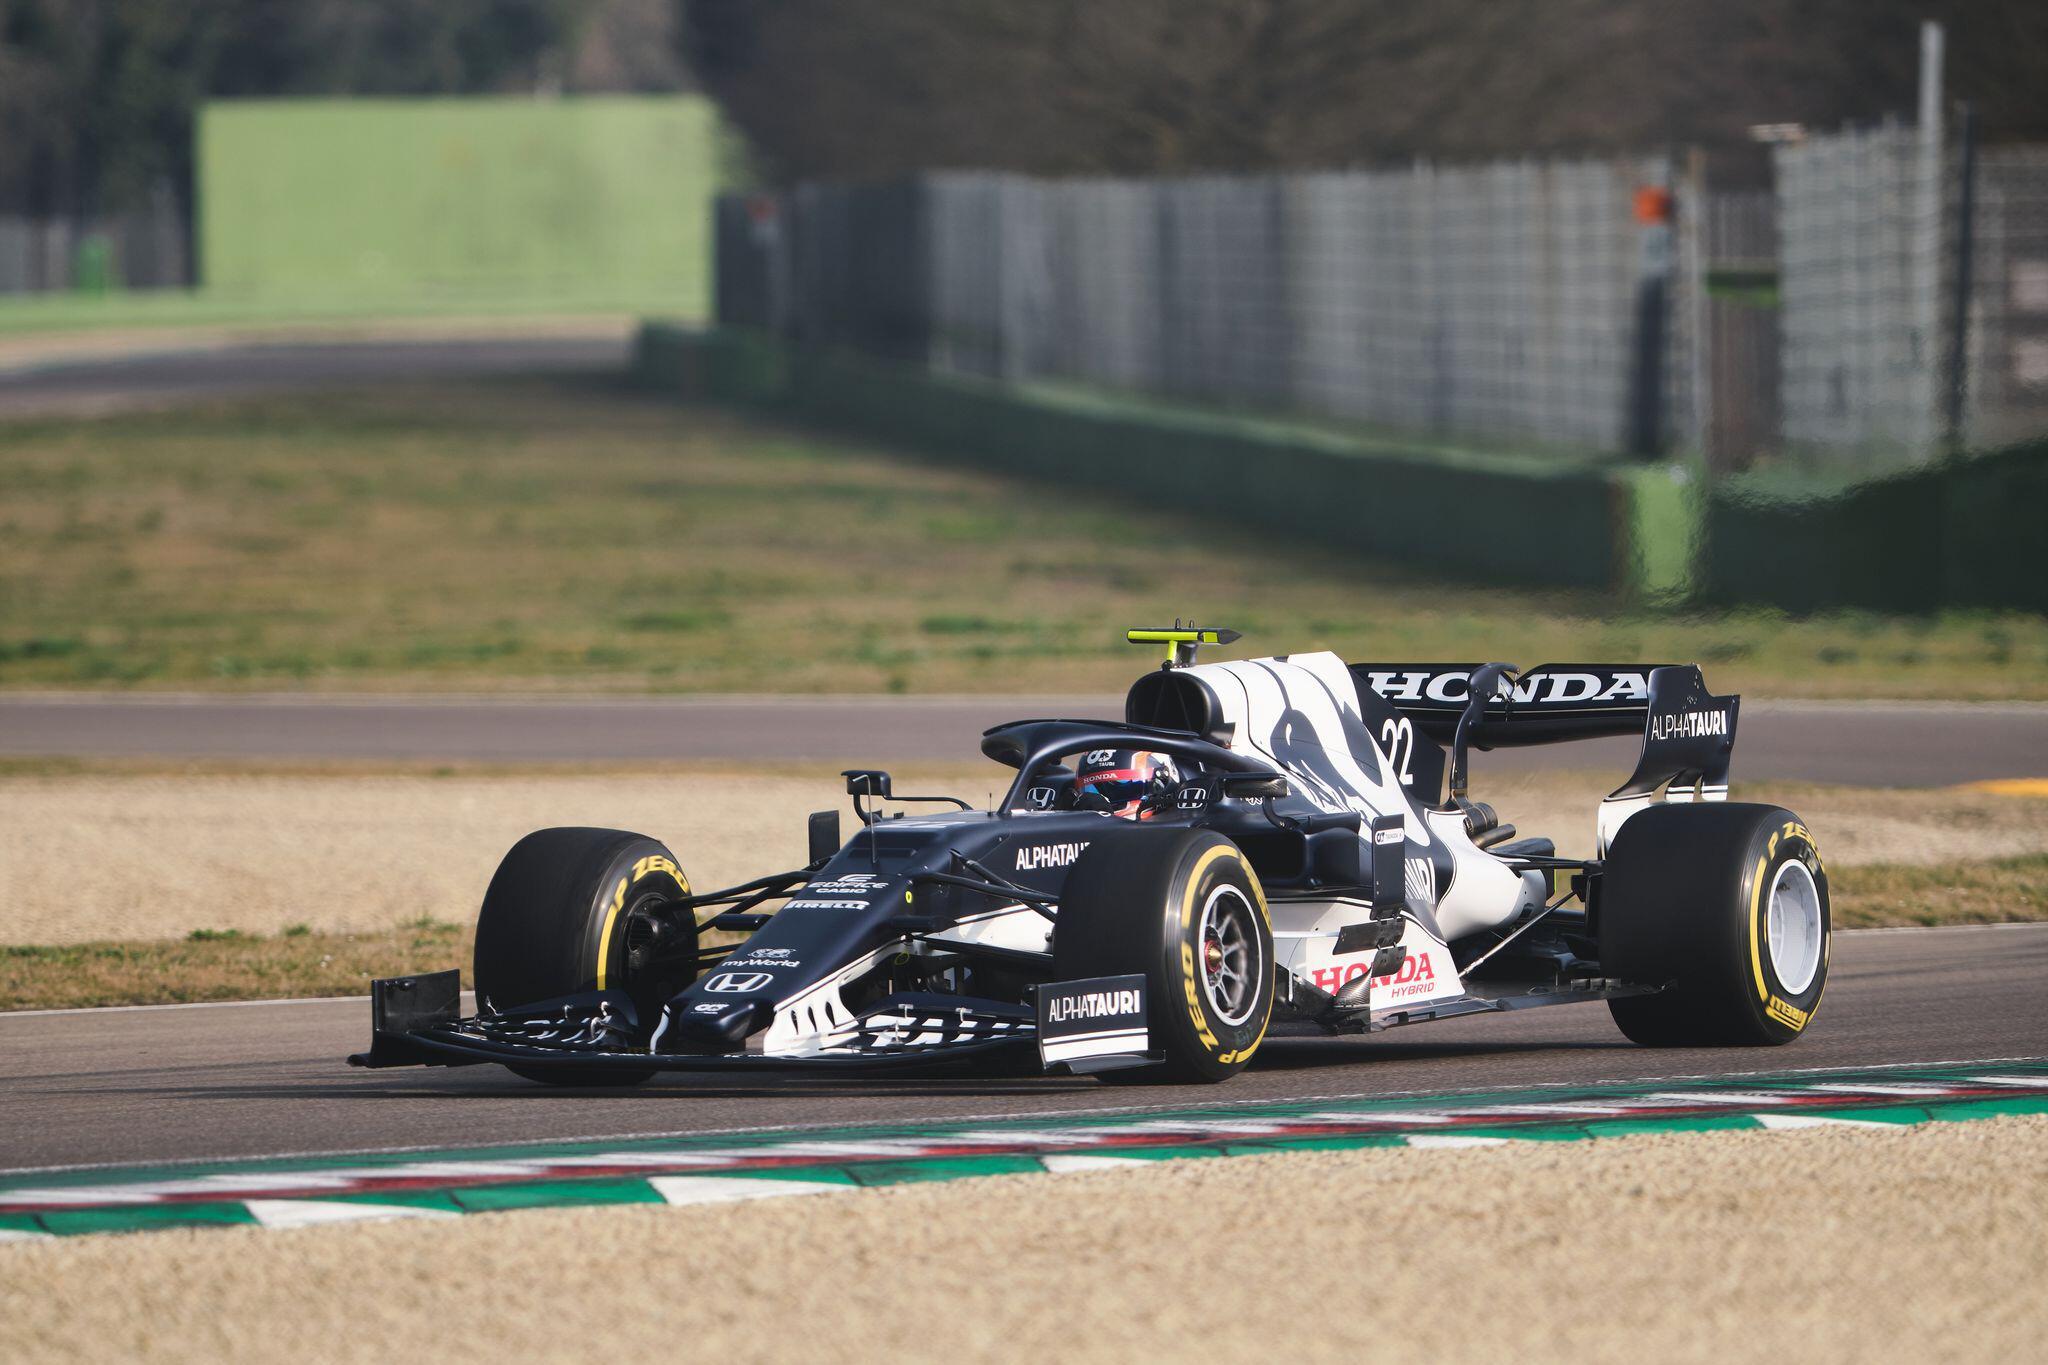 Bild zu Formel 1 - Testfahrt von Scuderia AlphaTauri